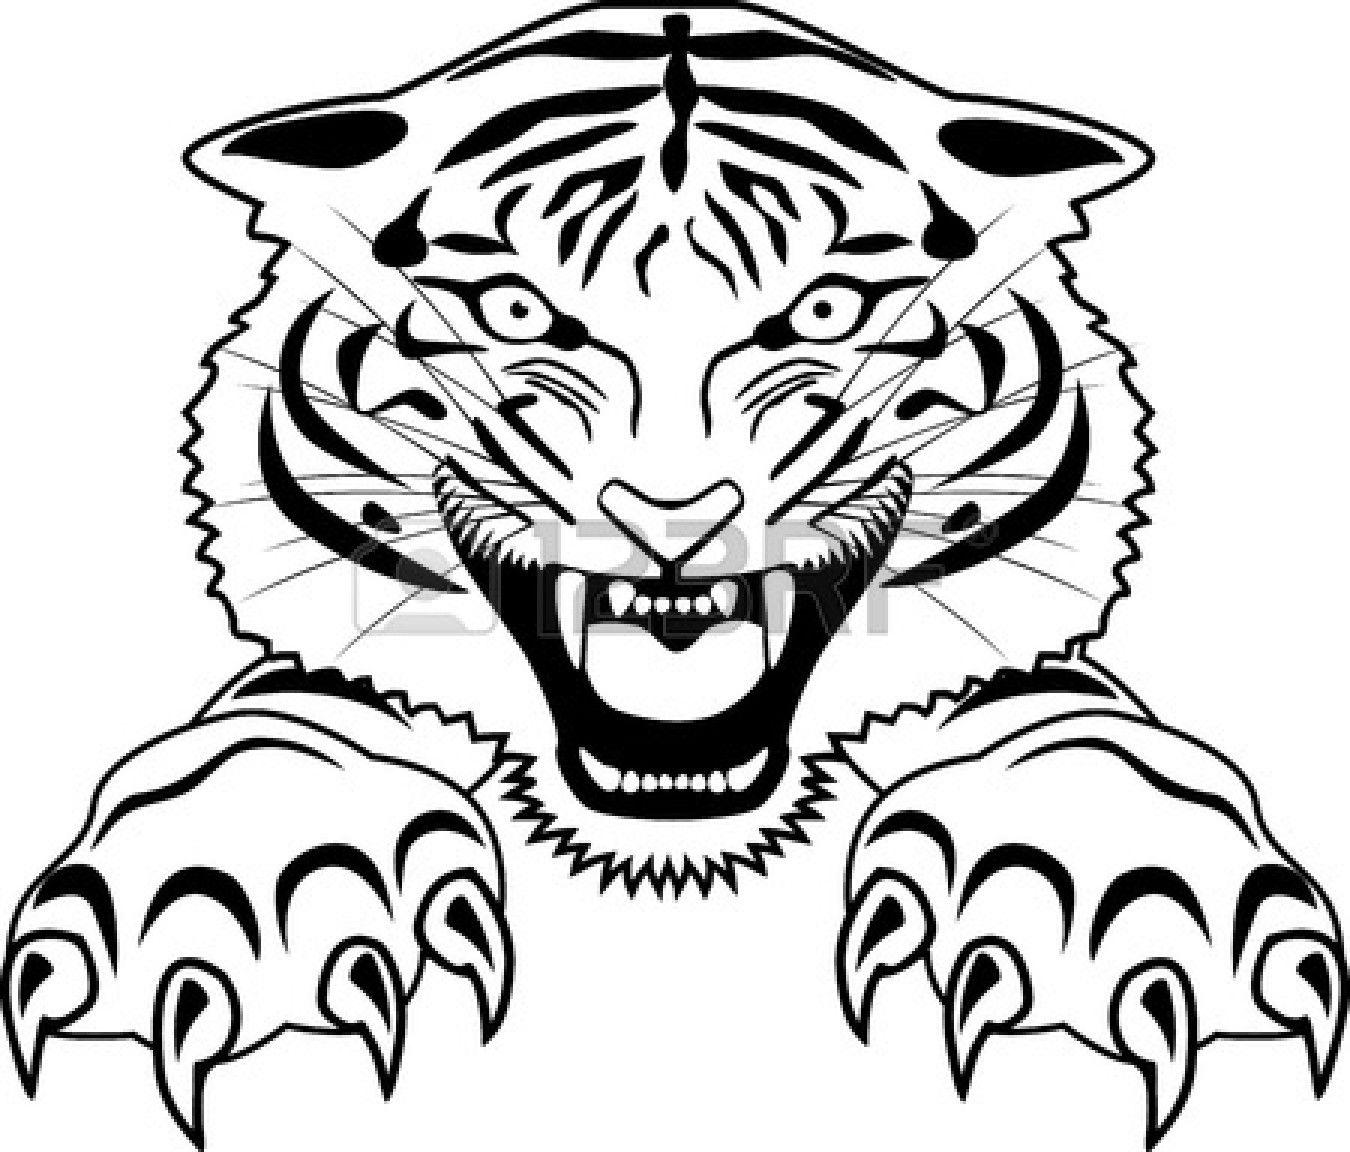 1350x1152 Tiger Eyes Tattoo 13281597 Tiger Tattoo.jpg Tiger Tattoo